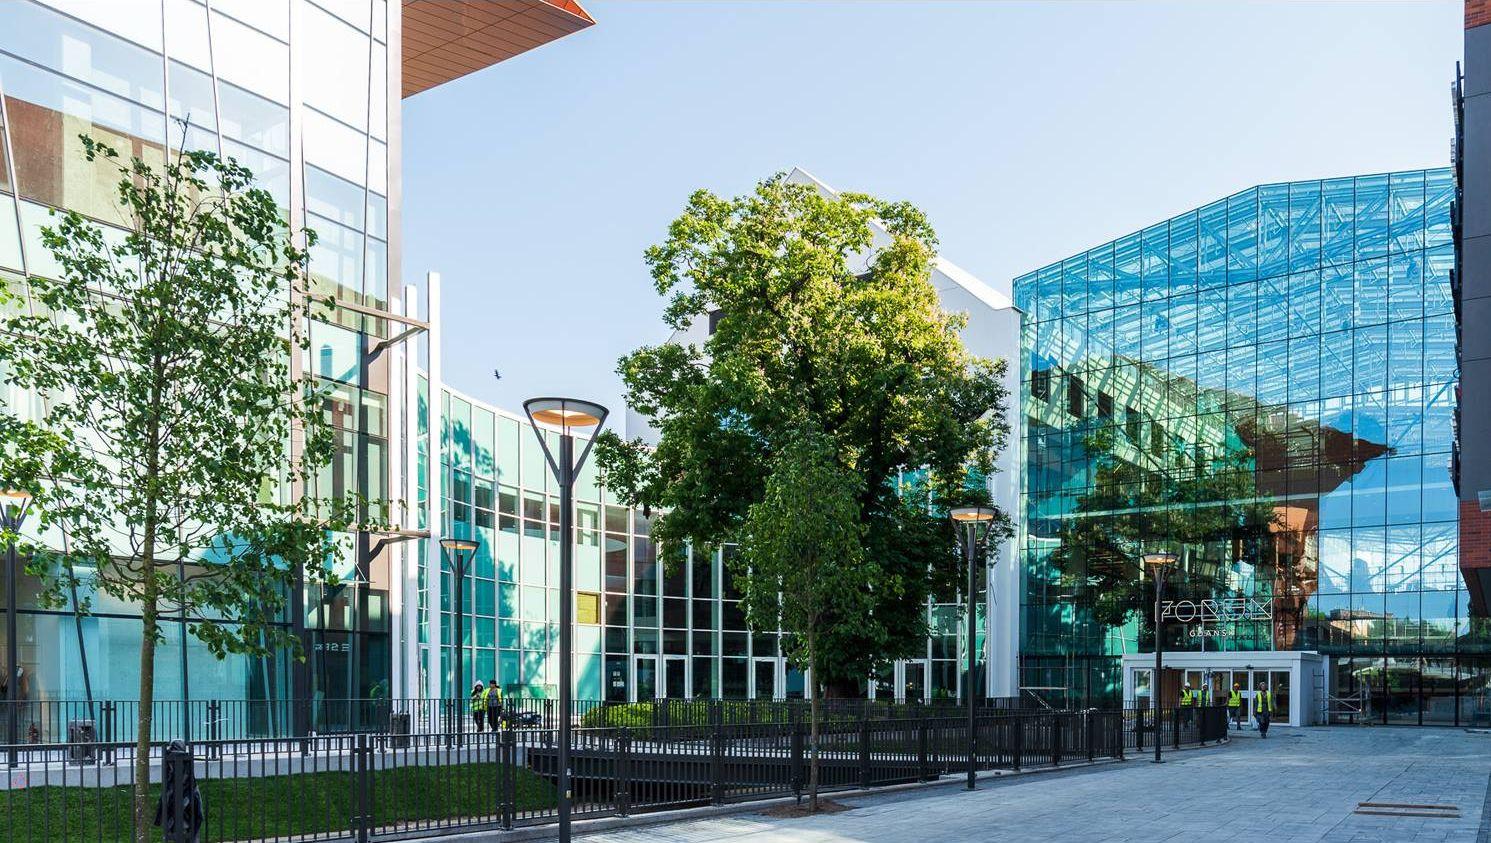 Конец Балтийской Галереи. Forum Gdańsk - новый самый большой ТРЦ в Гданьске